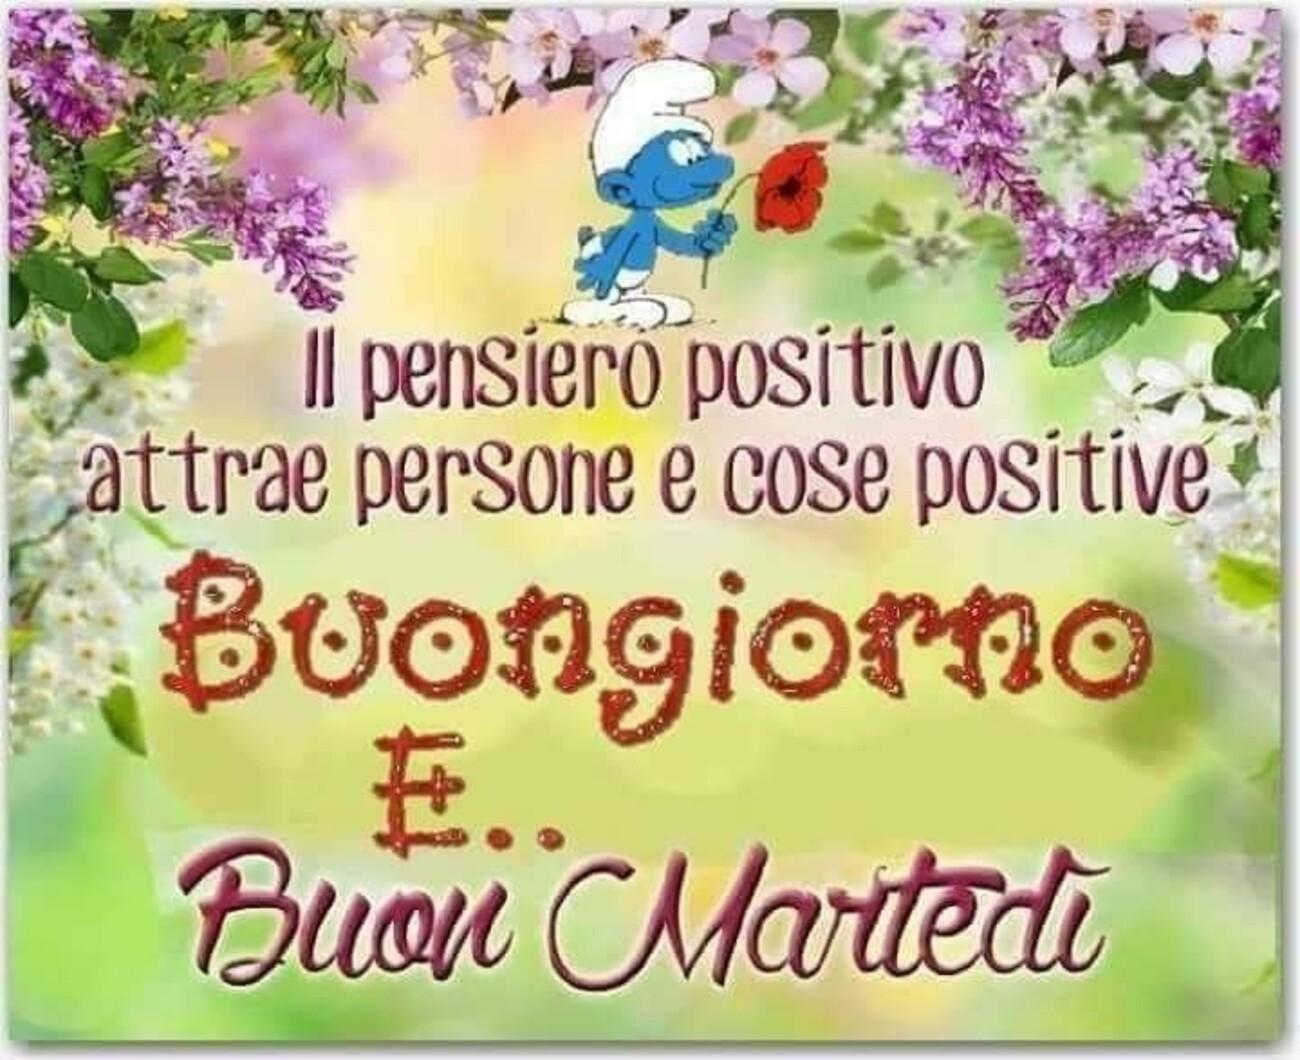 Il pensiero positivo attrae le persone e cose positive Buongiorno e Buon Martedì